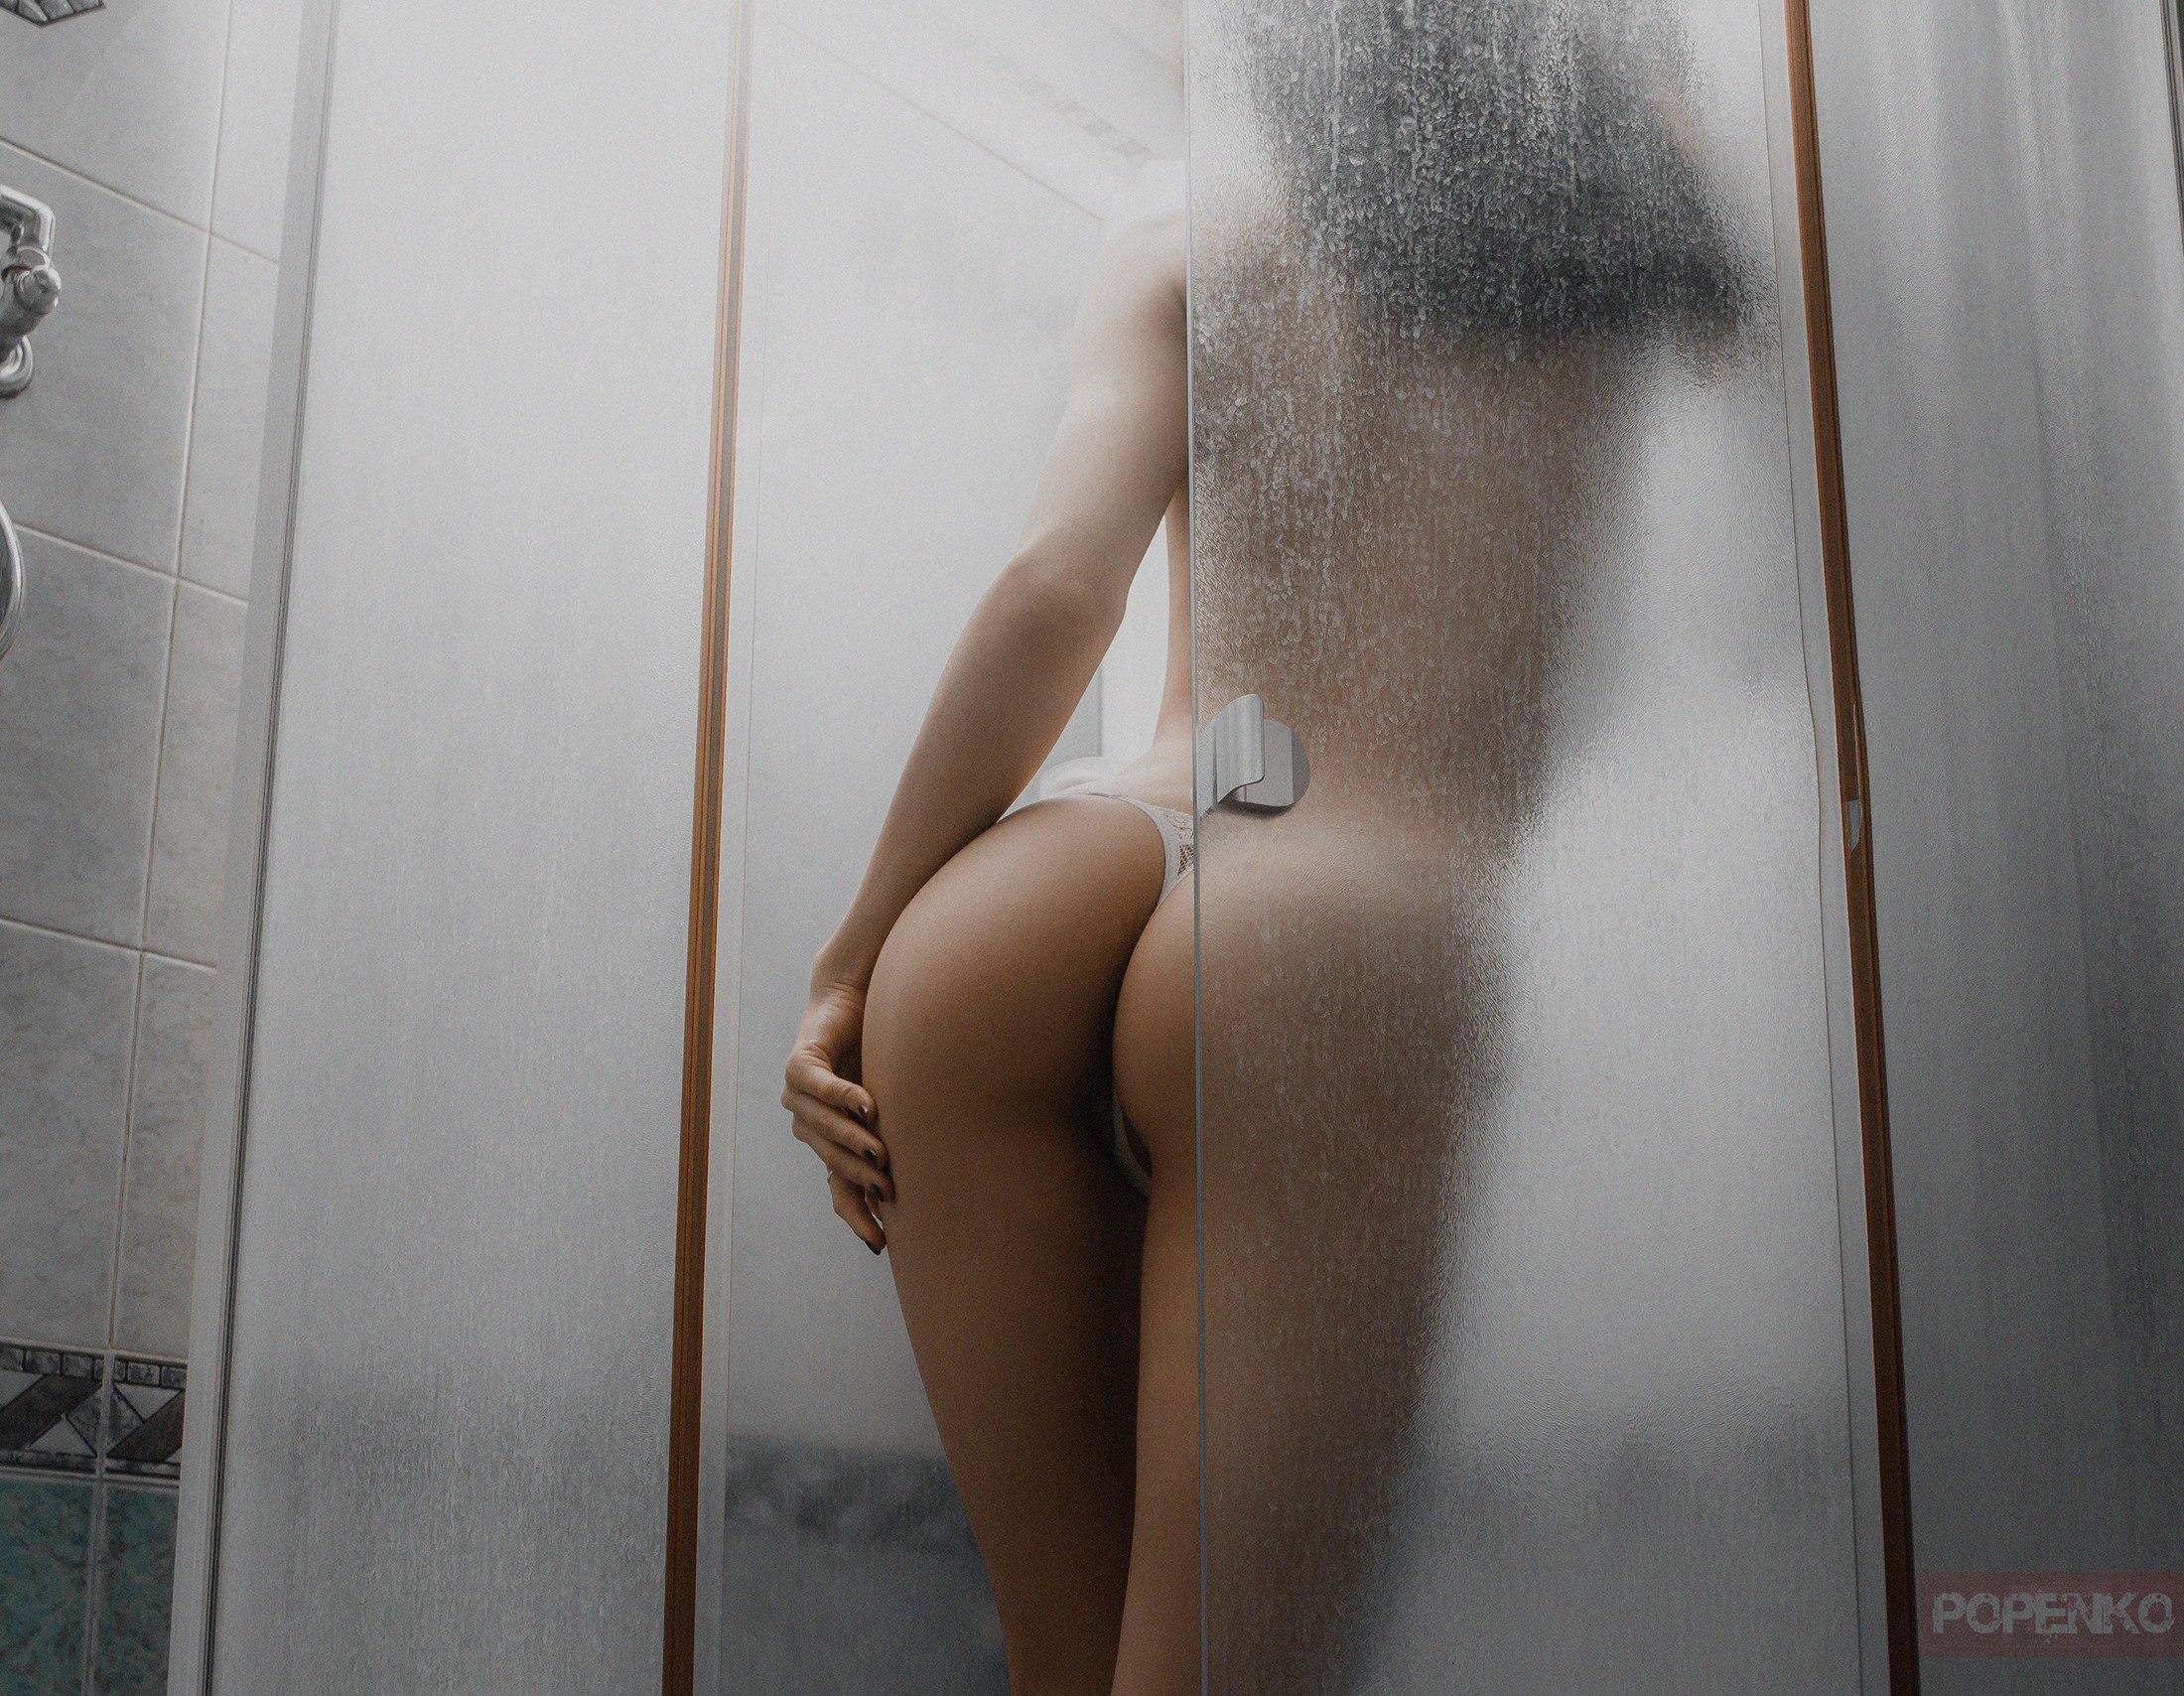 Panties bathroom brunette woman